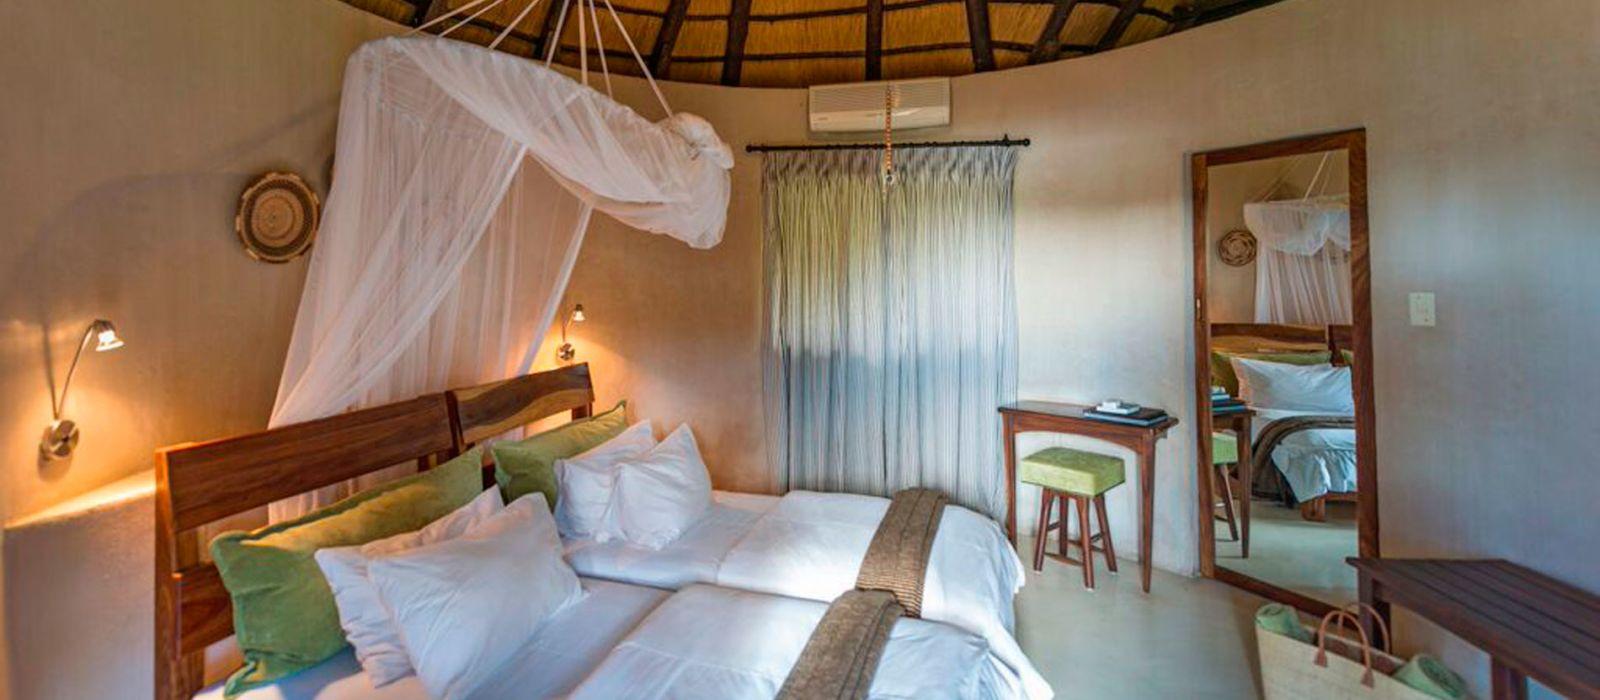 Hotel Onguma Bush Camp Namibia